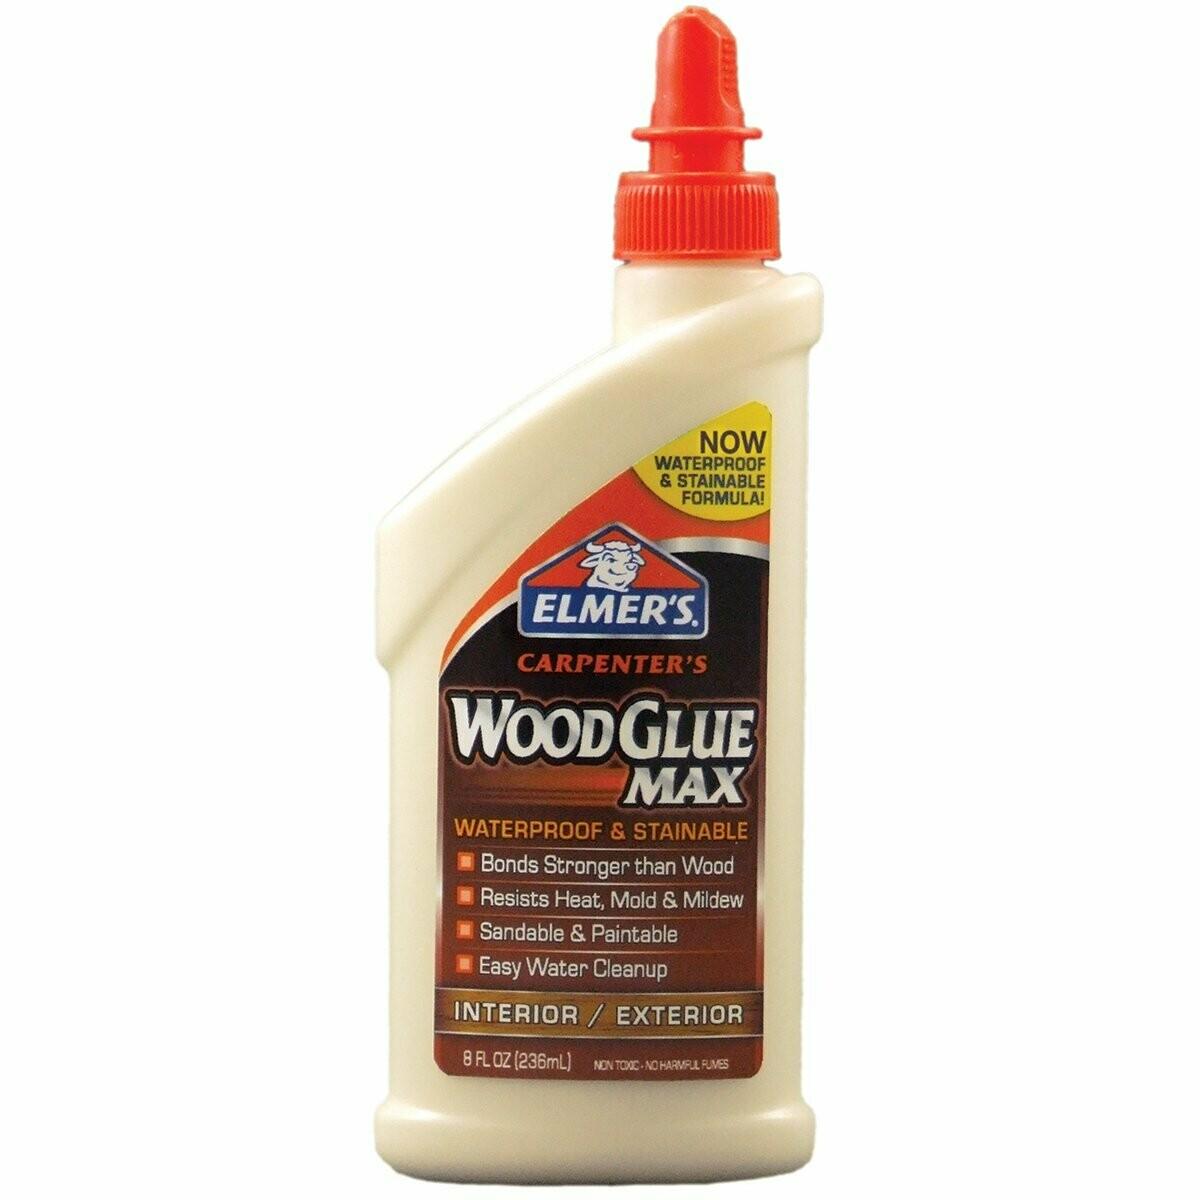 Elmers / Carpenter's Wood Glue Max, 8 oz.